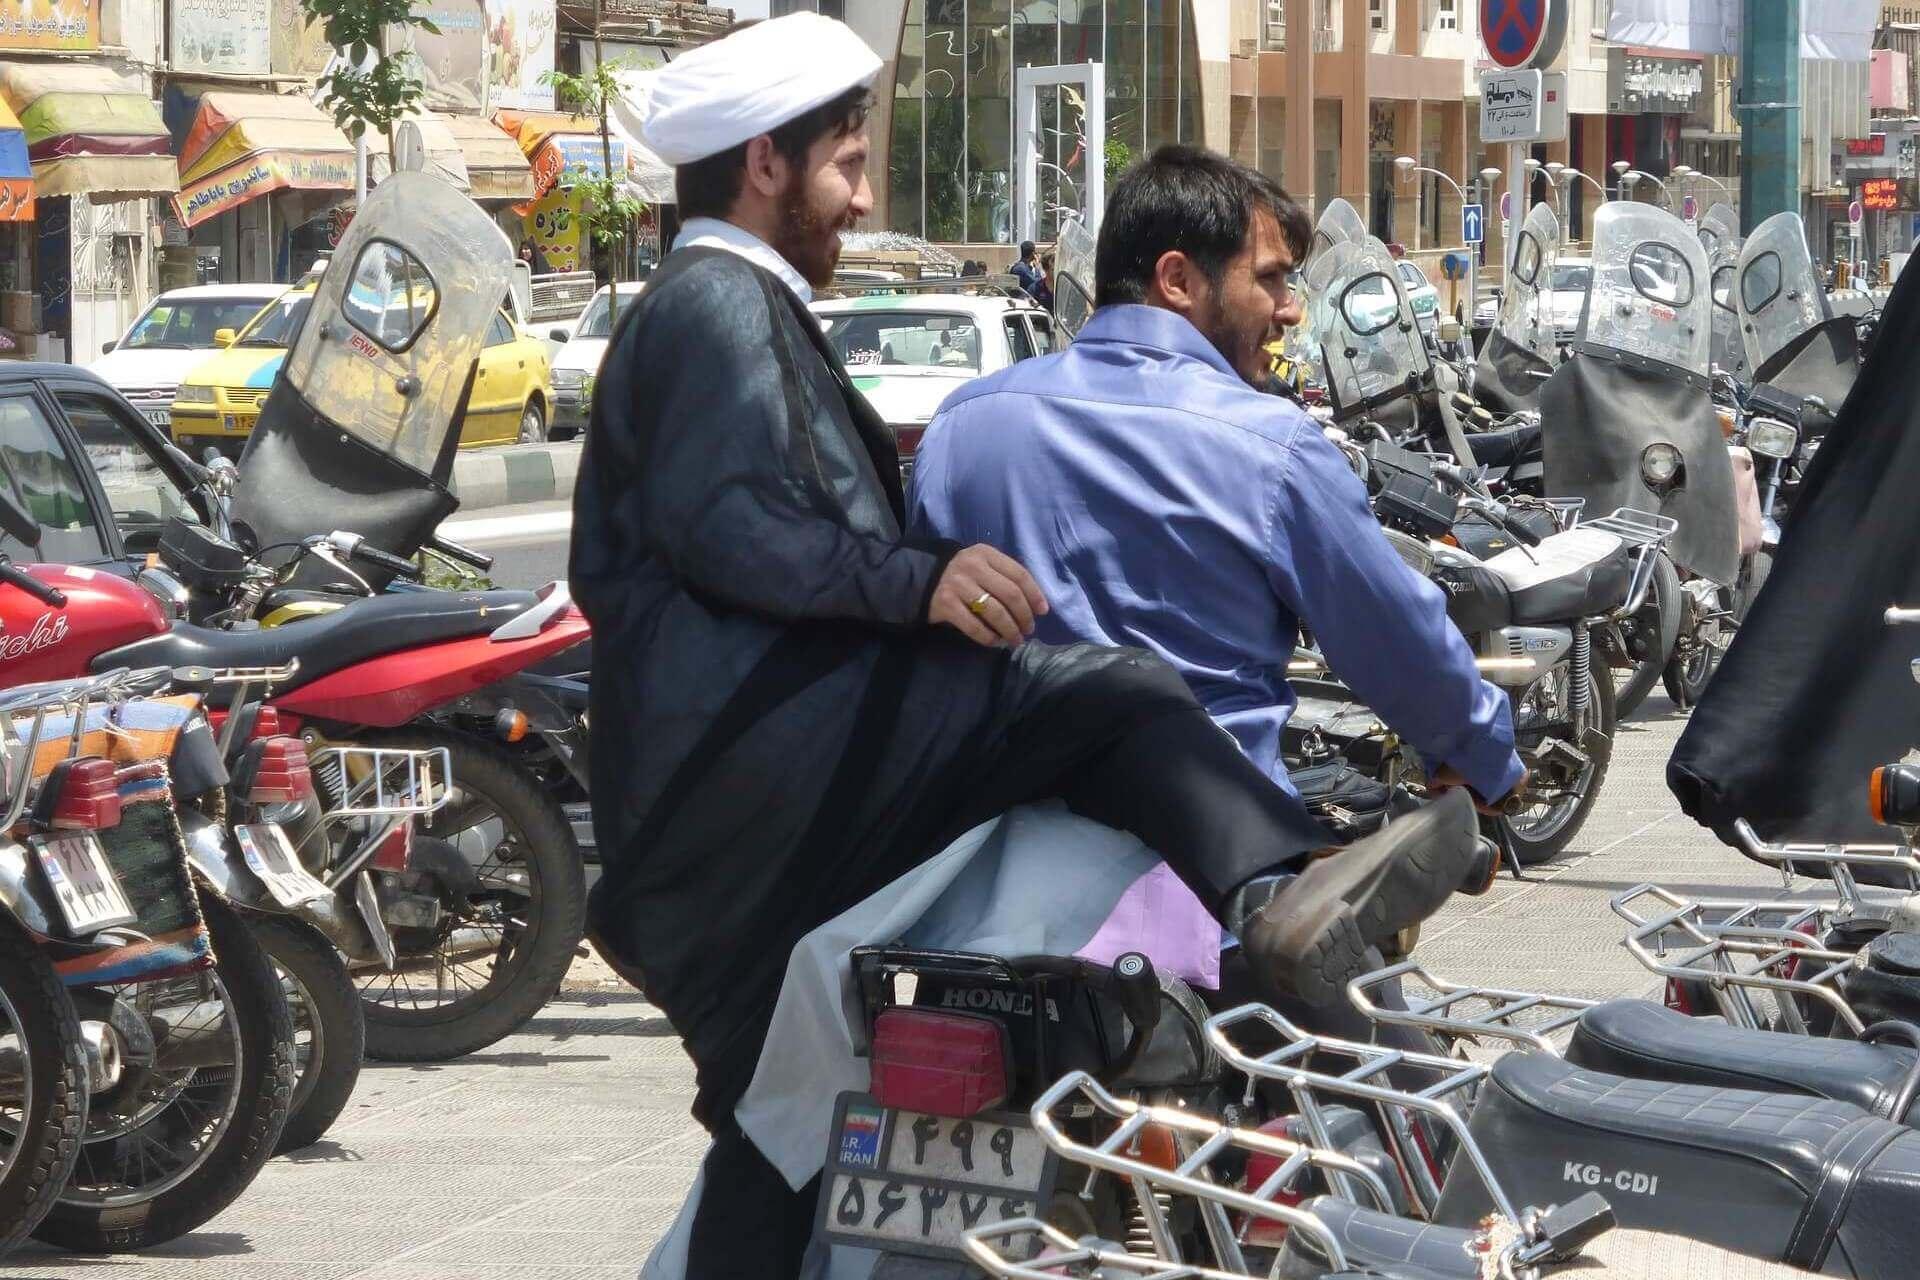 Twee Iraanse mannen op een scooter in Qom